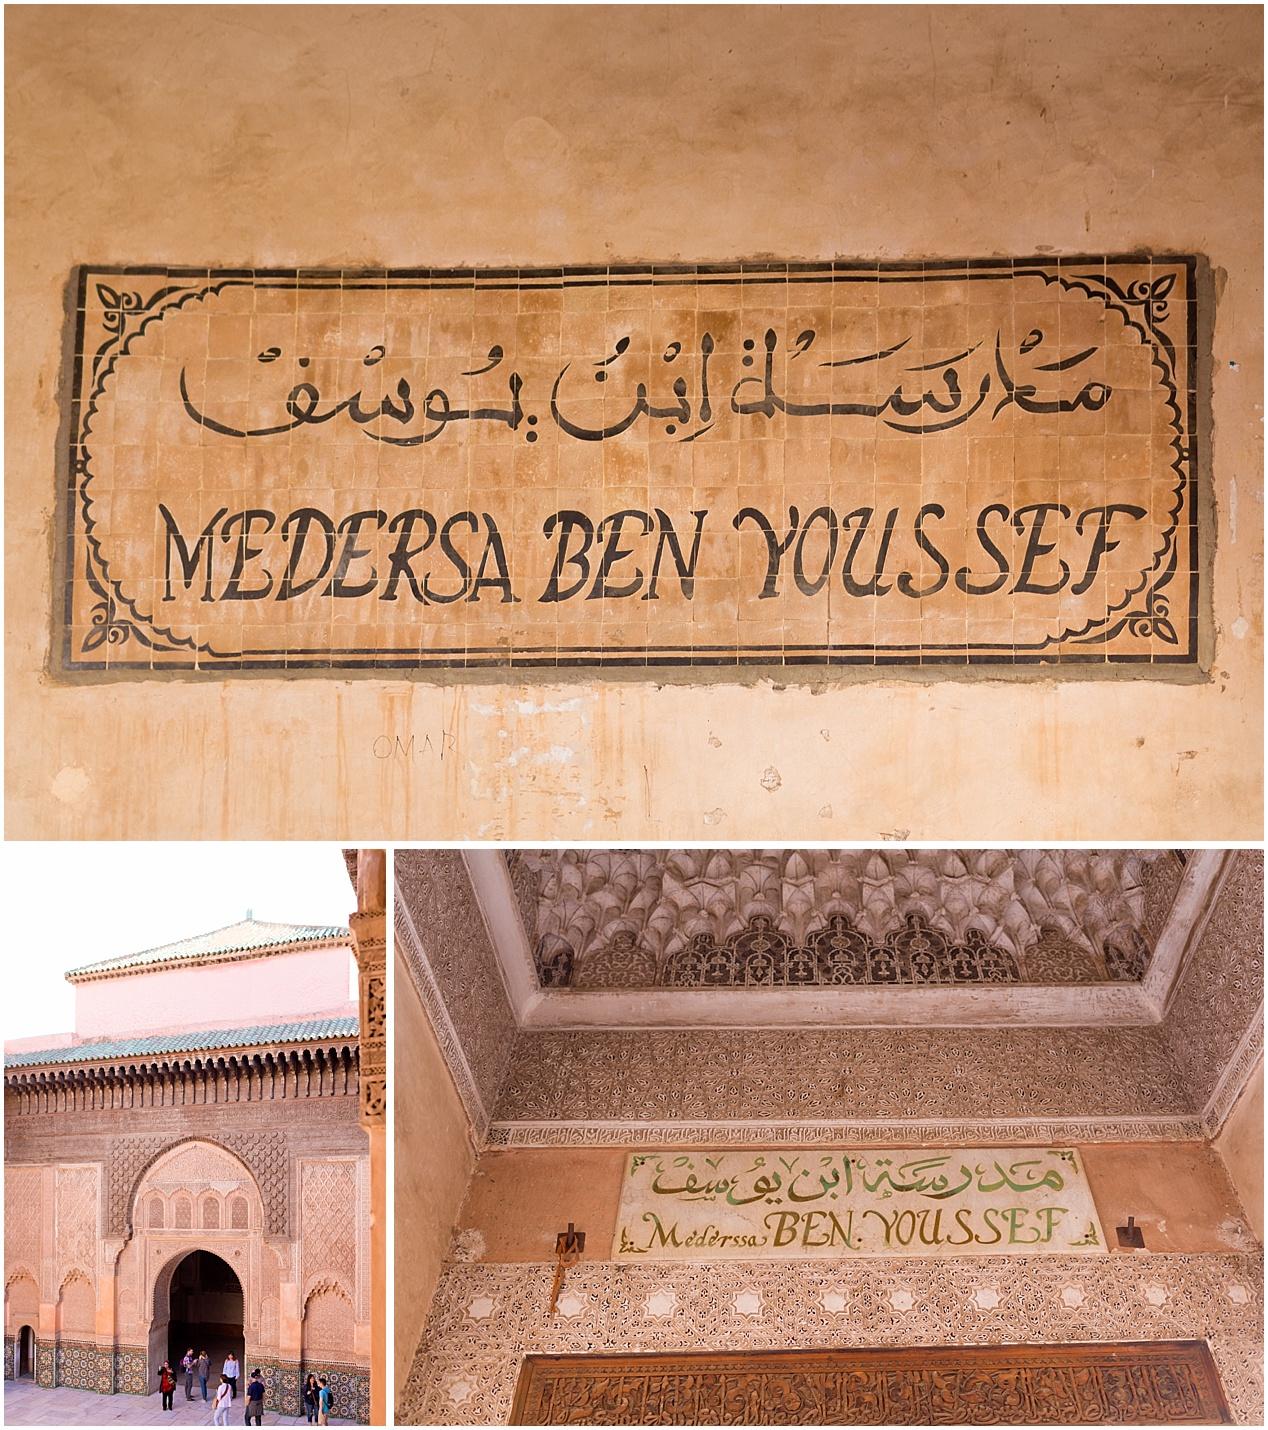 Medersa Ben Youssef sign in Marrakech, Morocco